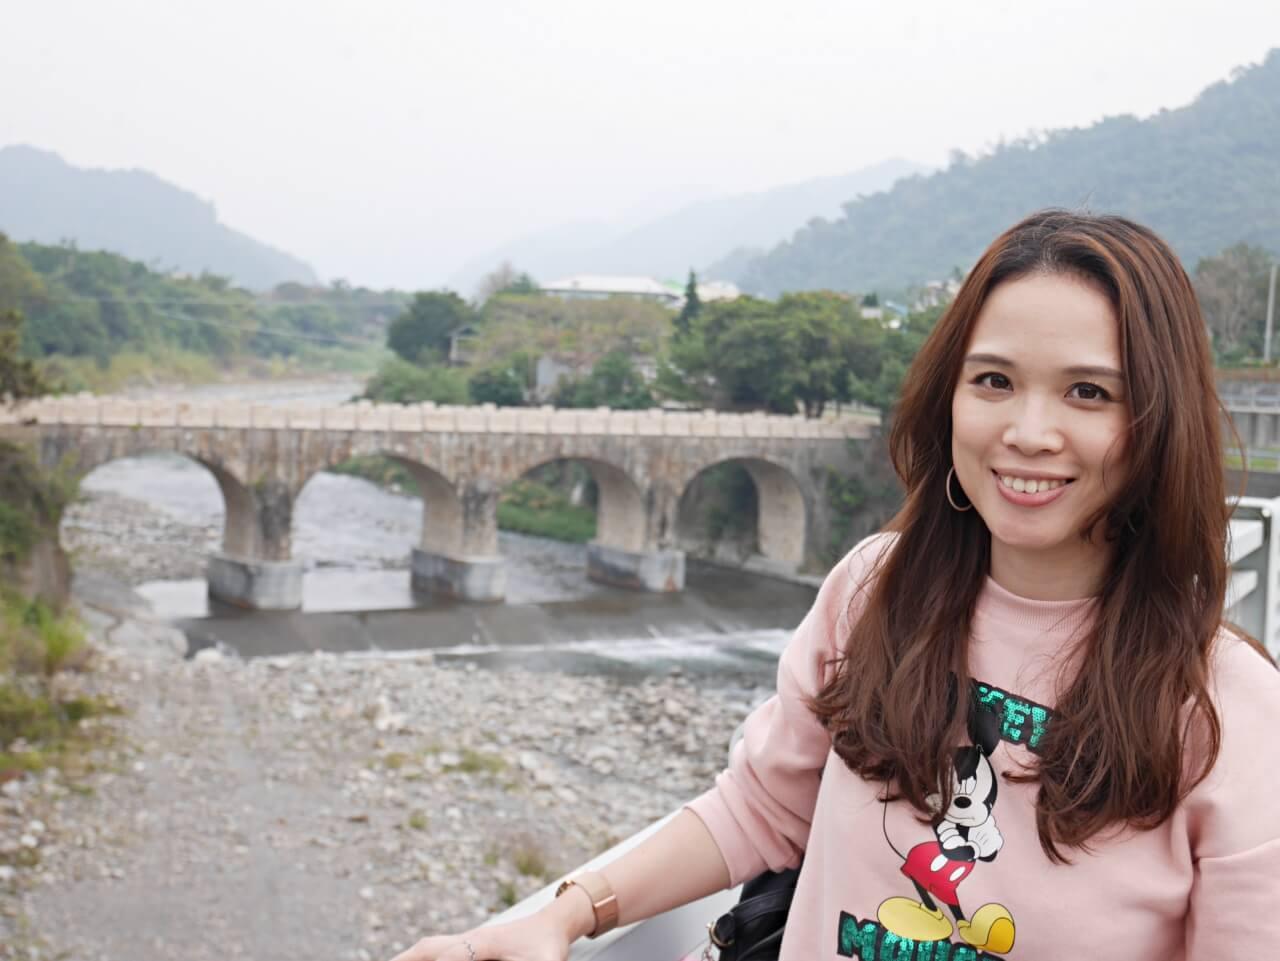 南投國姓鄉賞梅行程,還可以搭配手沖咖啡、爆米香DIY活動和參觀三級古蹟糯米橋及三百年茄苳樹